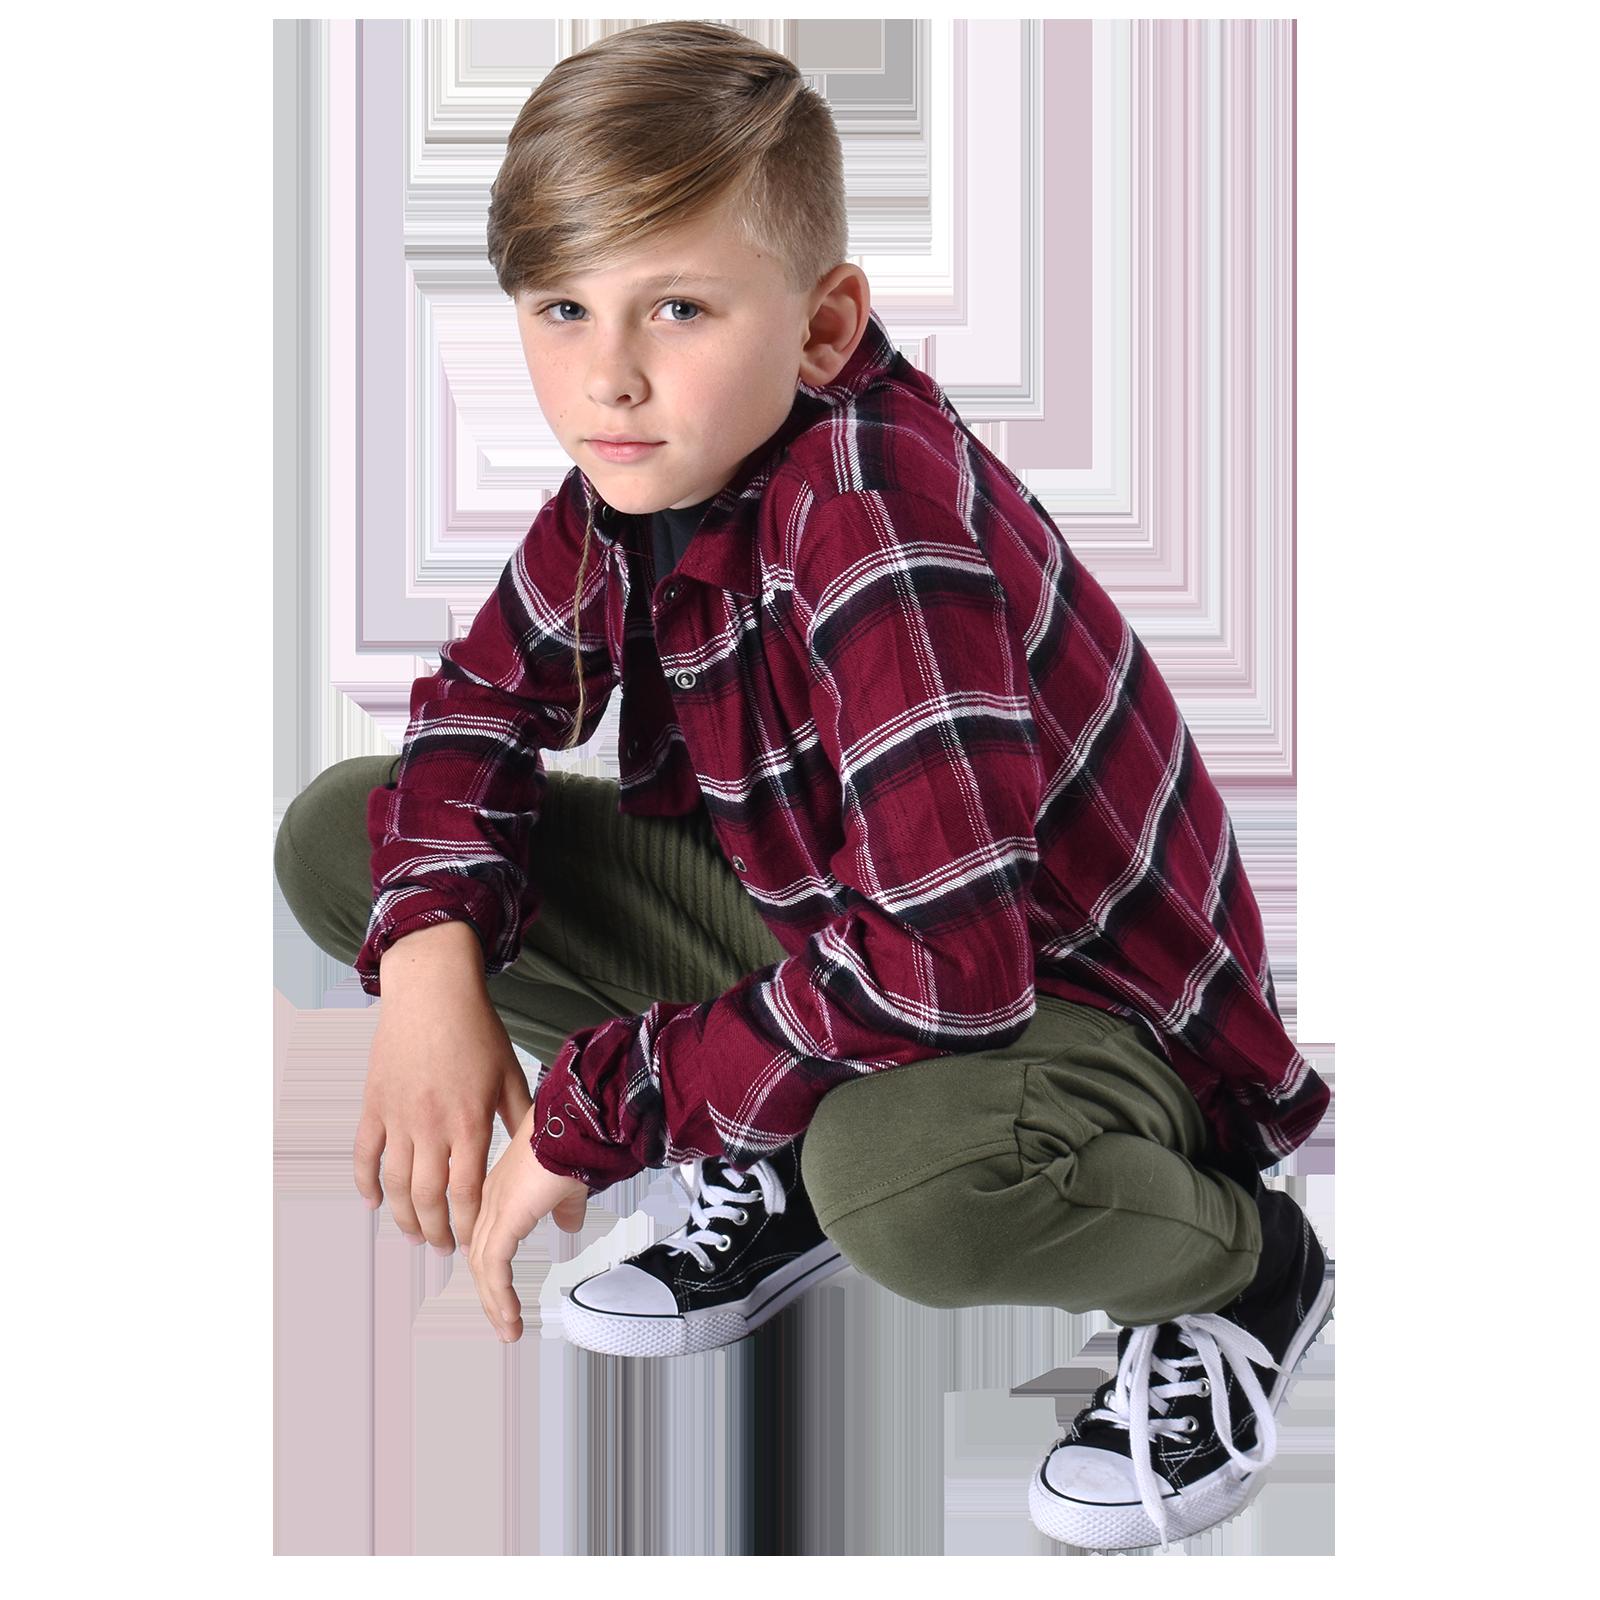 boy hip hop dancer in pose